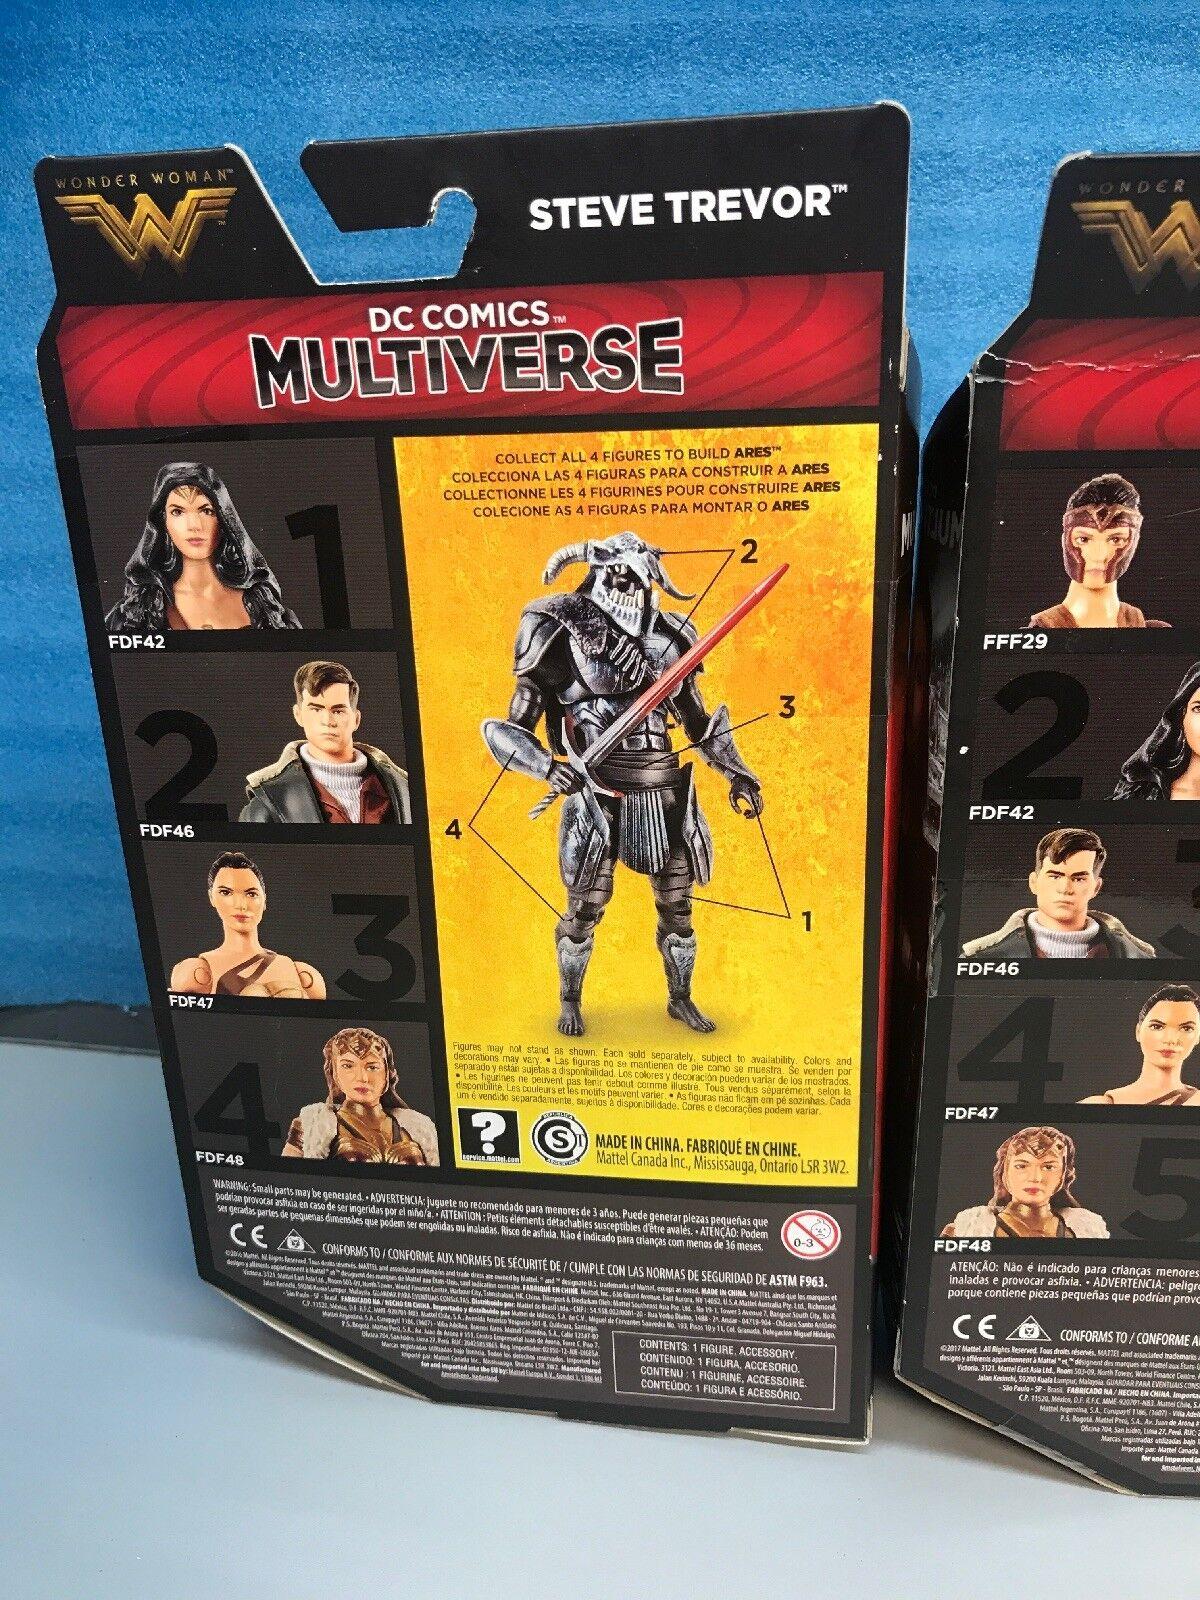 DC Multiverse Lot Of 5. WONDER WONDER WONDER WOMAN 6  Action Figure BAF ARES Set. c6fcbd